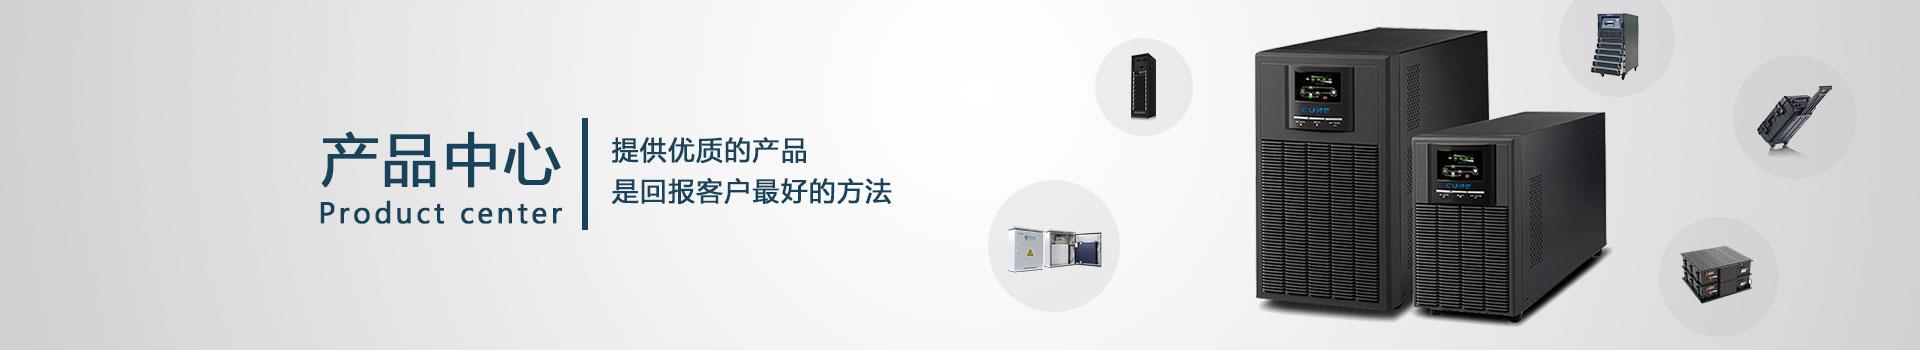 产品中心栏目BANNER图片